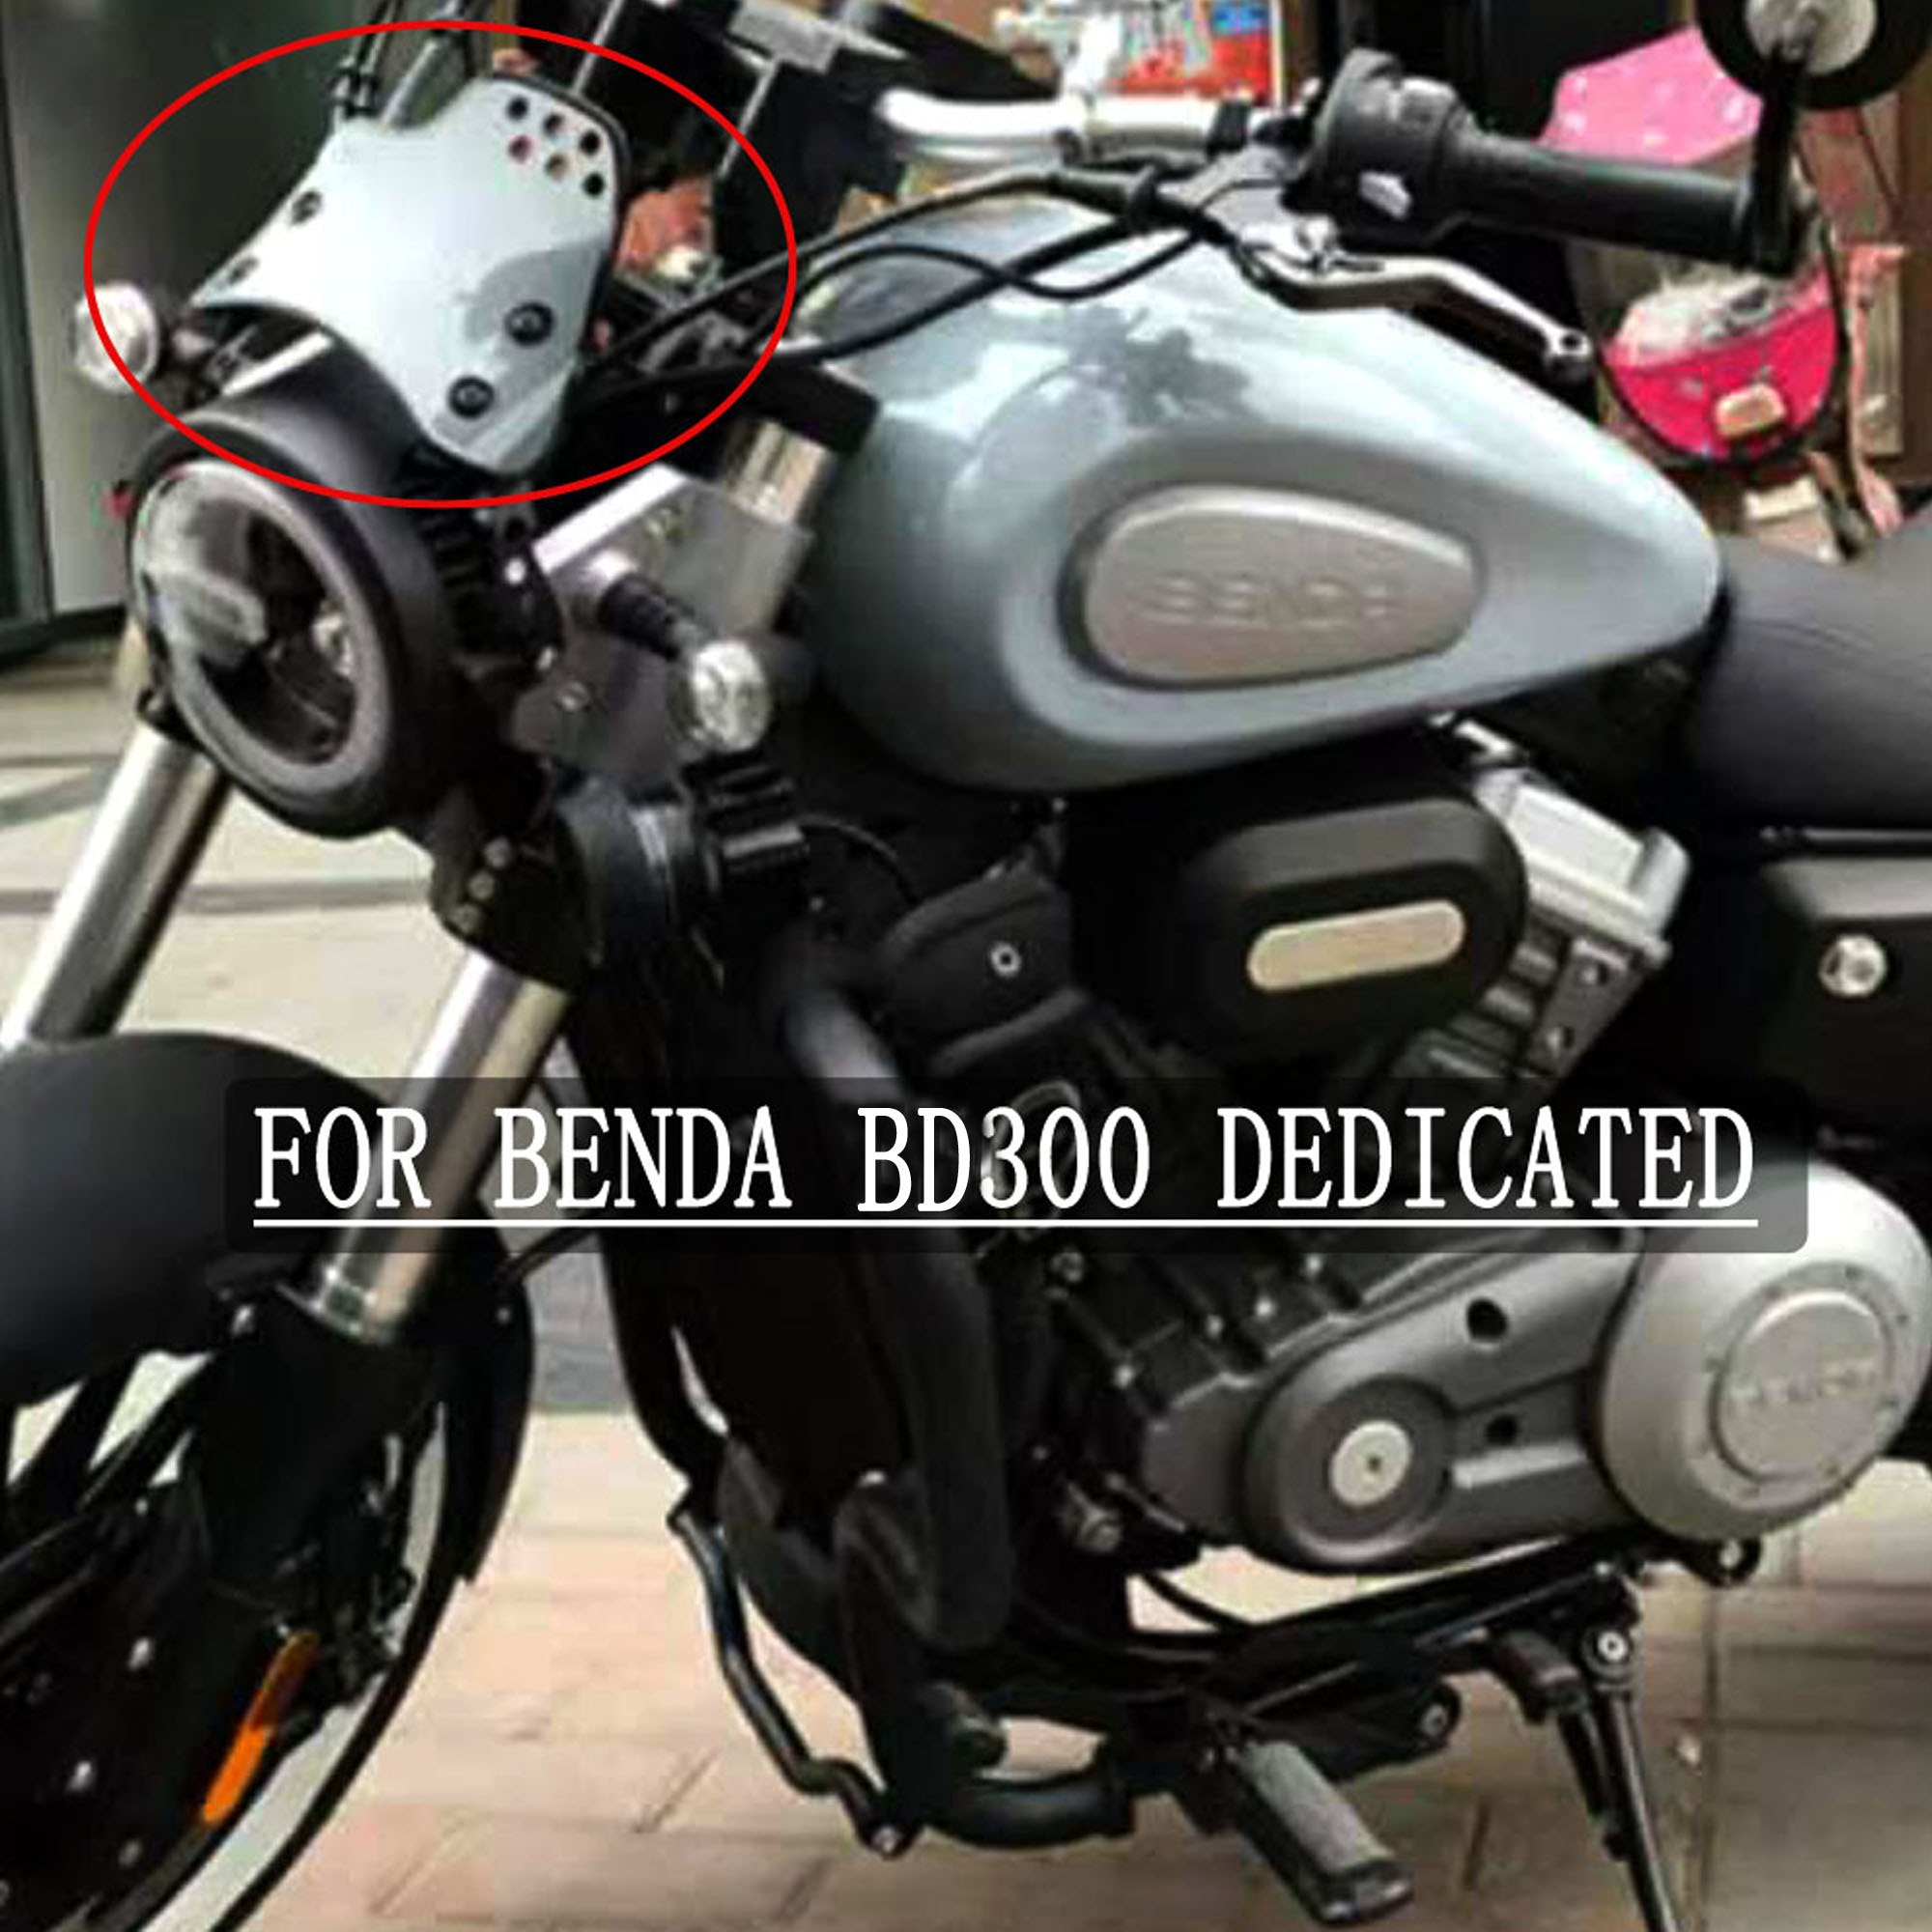 لدراجة نارية BENDA BD300 بتصميم عتيق زجاج أمامي يطبق BENDA BD300 BD 300